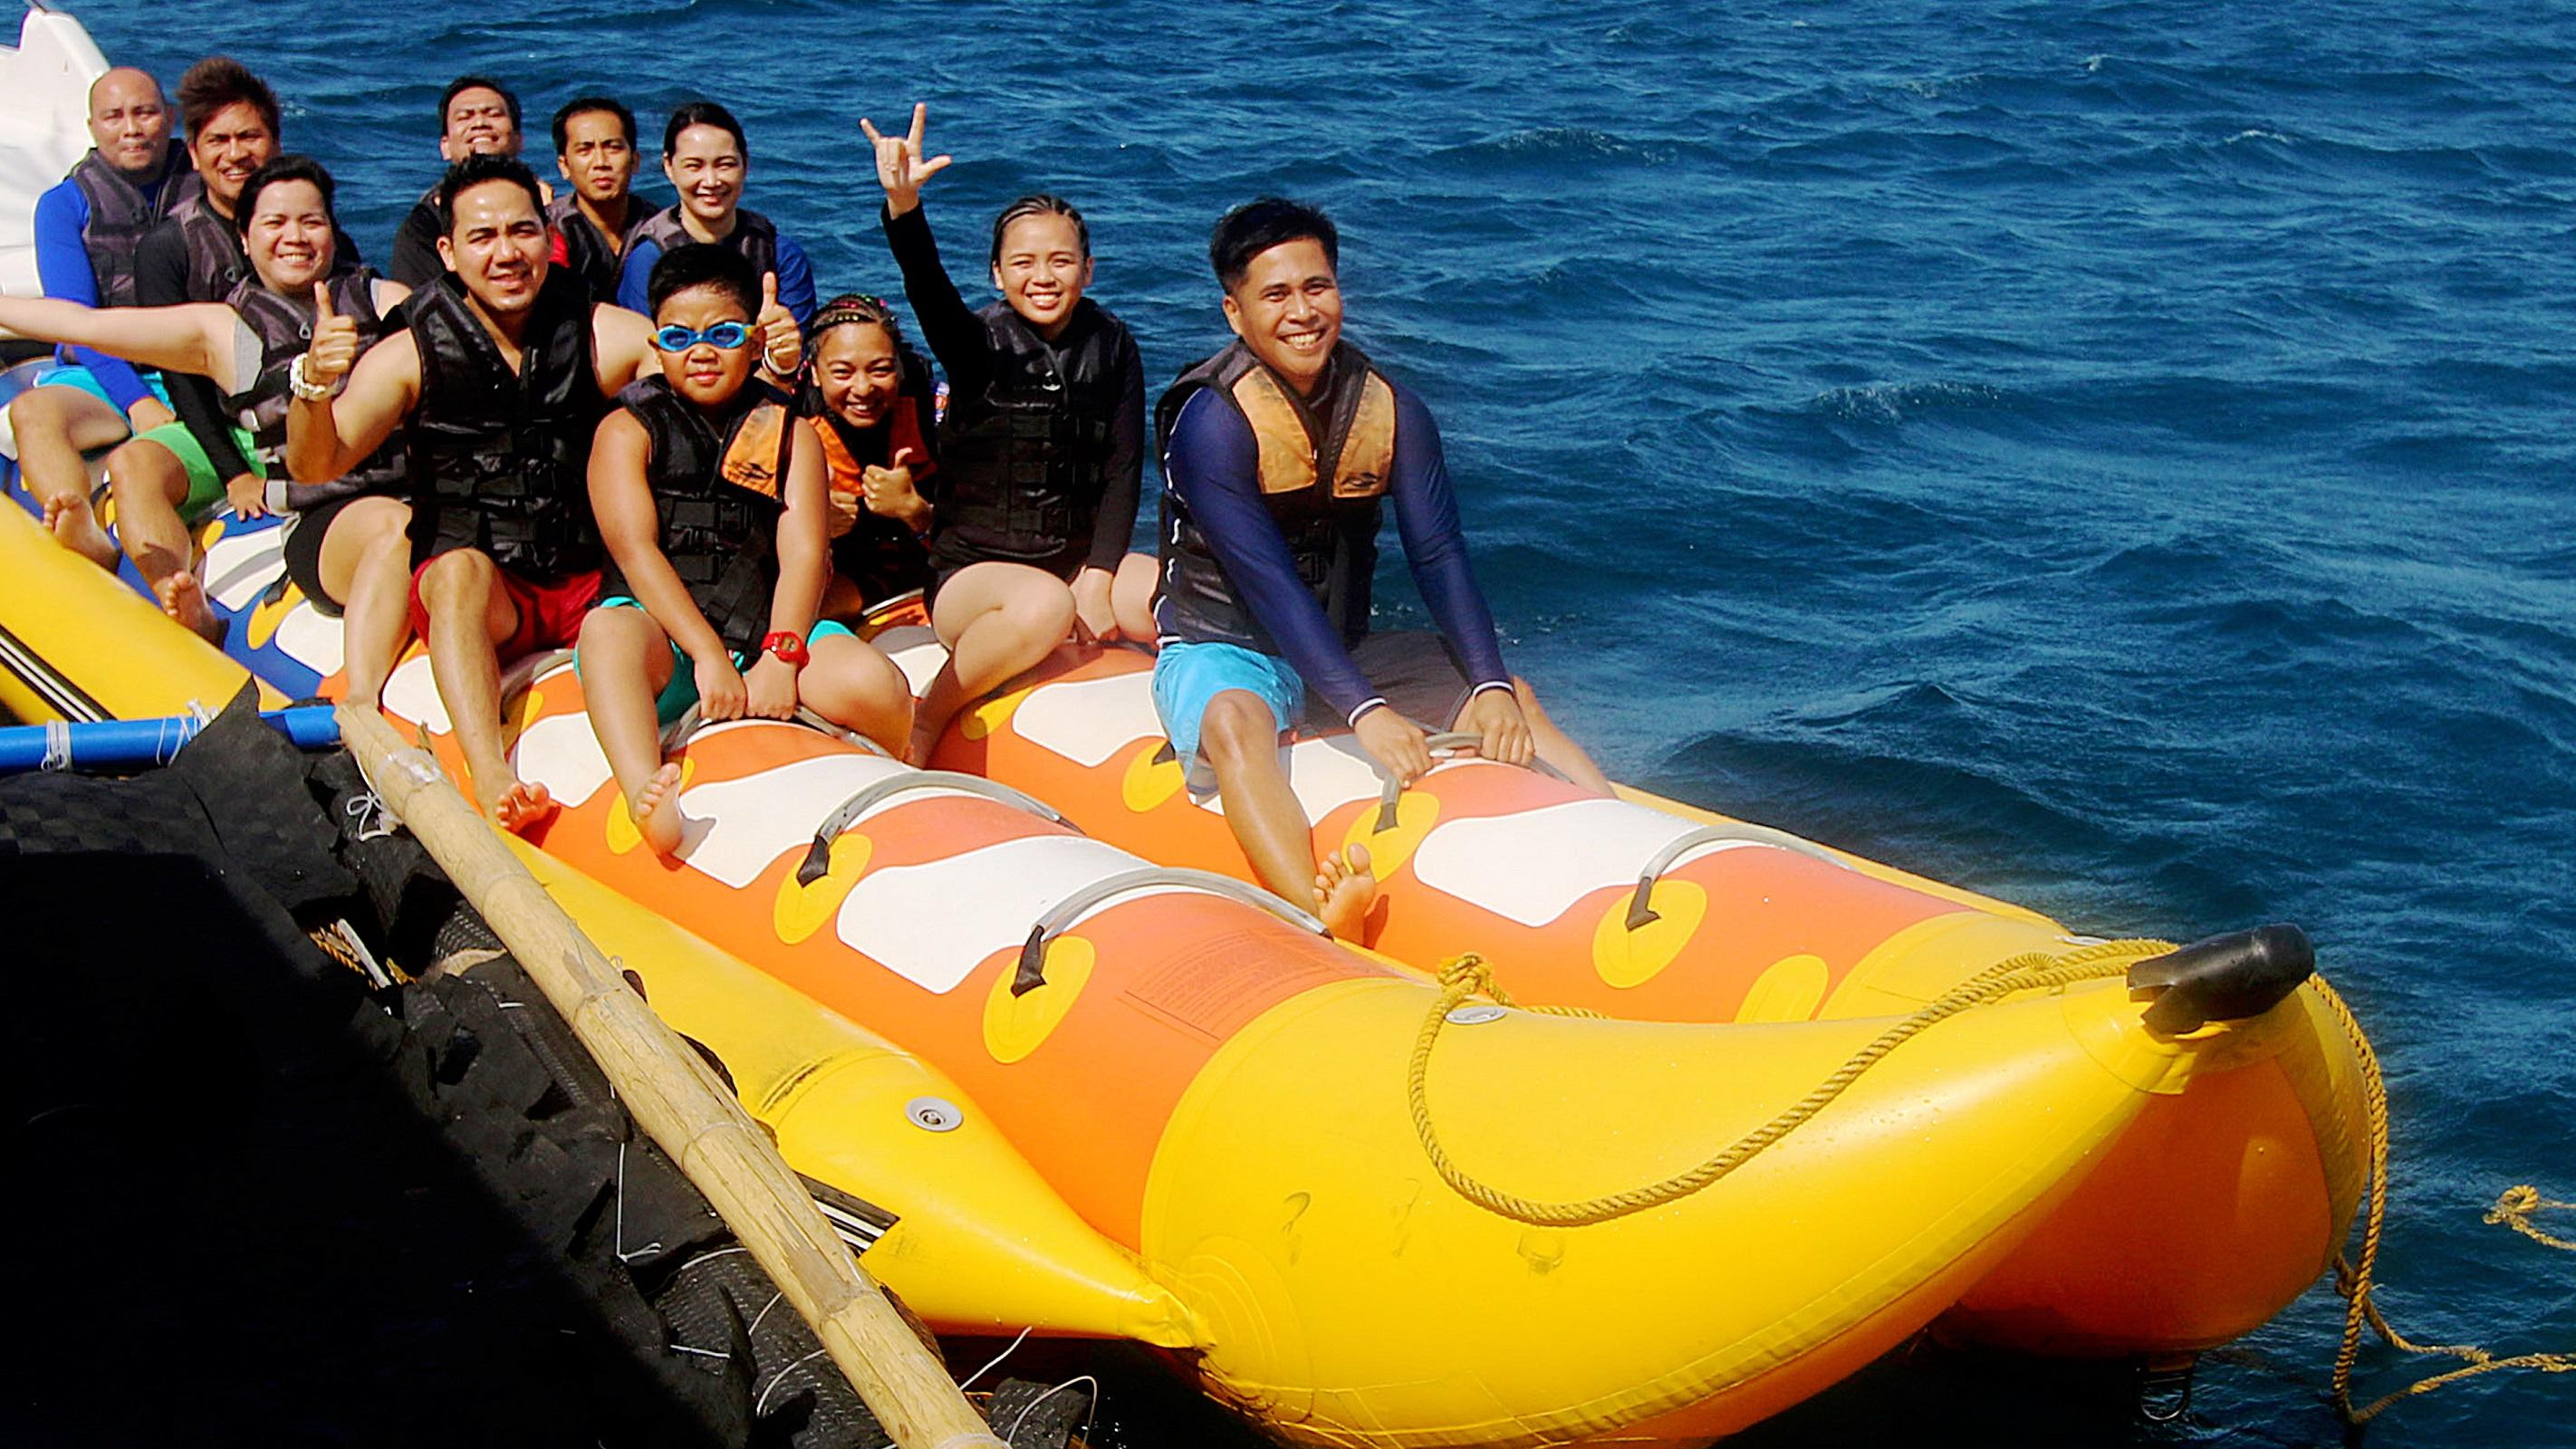 Family group enjoying banana boat ride at Boracay Beach